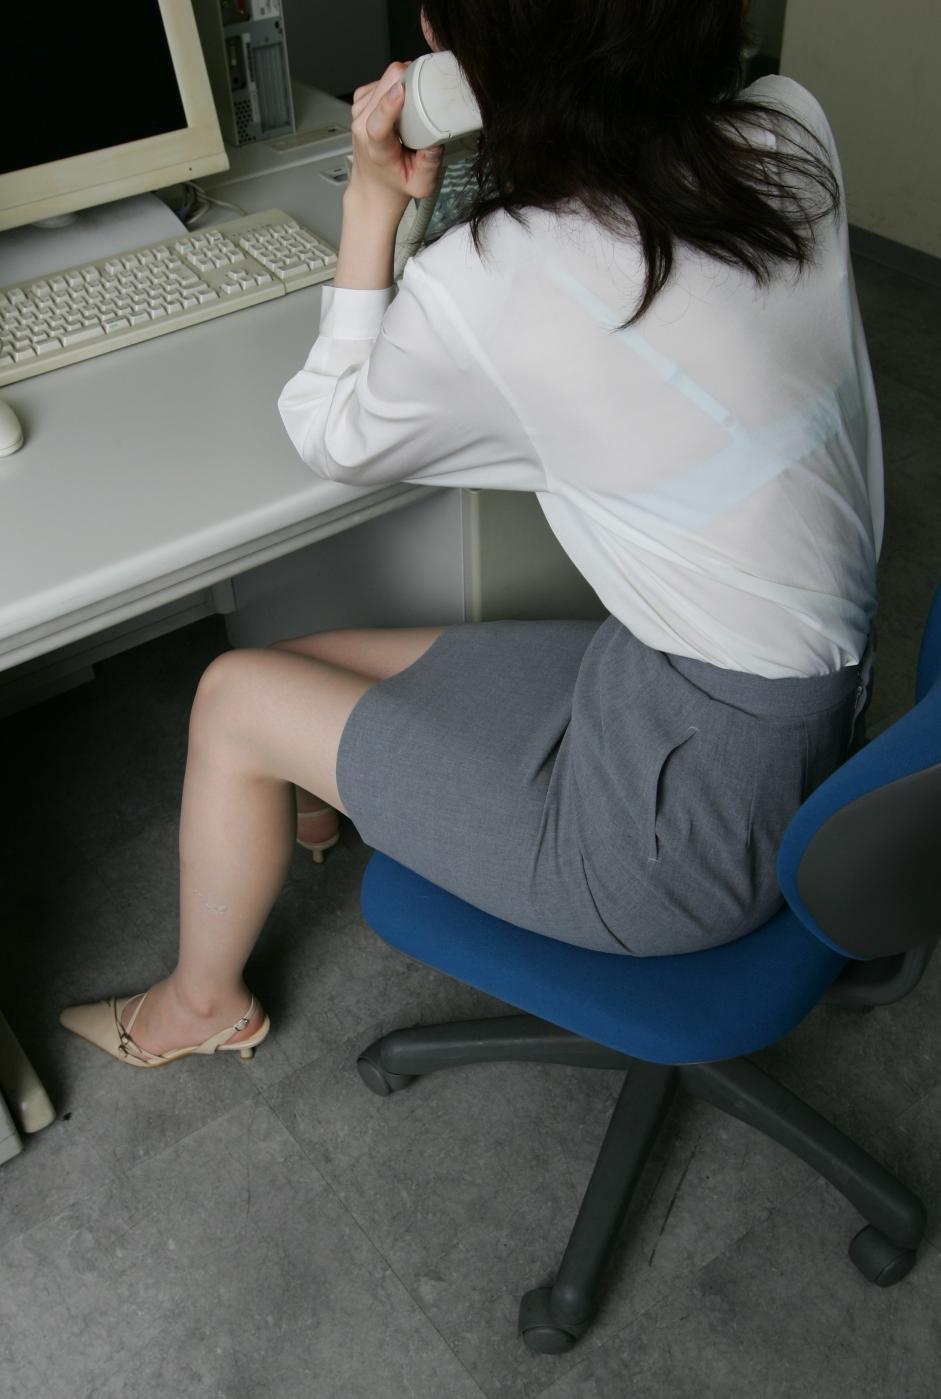 店員 ナース OL 働く女性 透けブラ エロ画像【32】